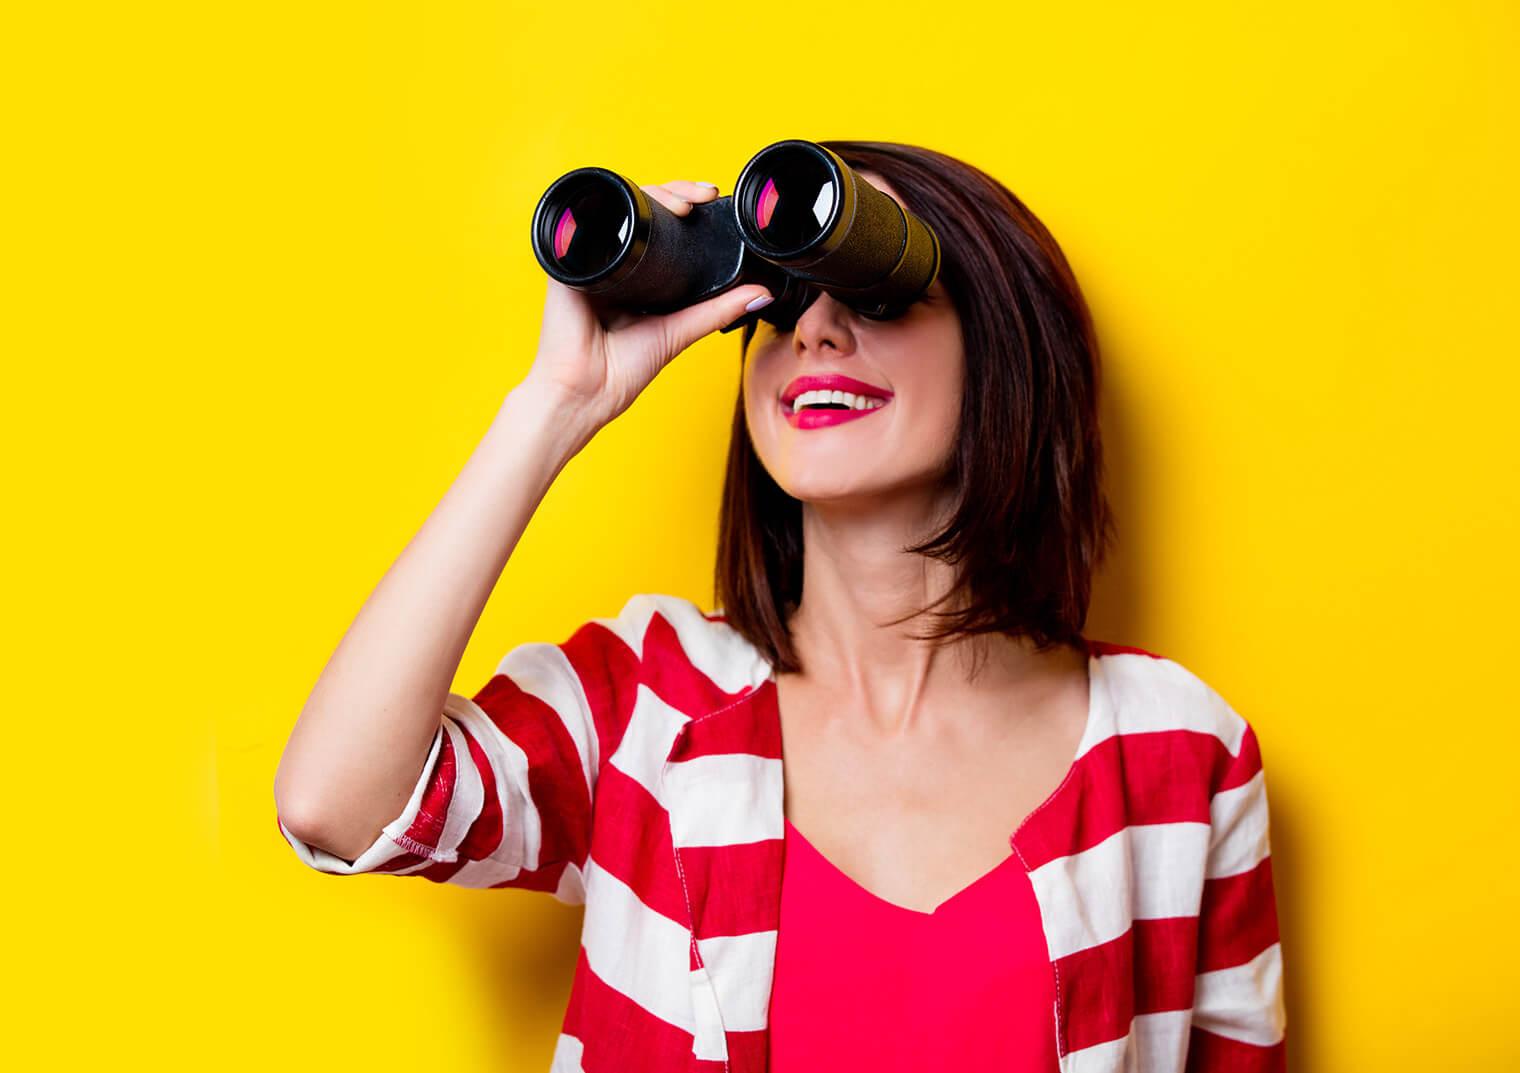 双眼鏡のお手入れ方法やメンテナンスばっちりの保管方法とは